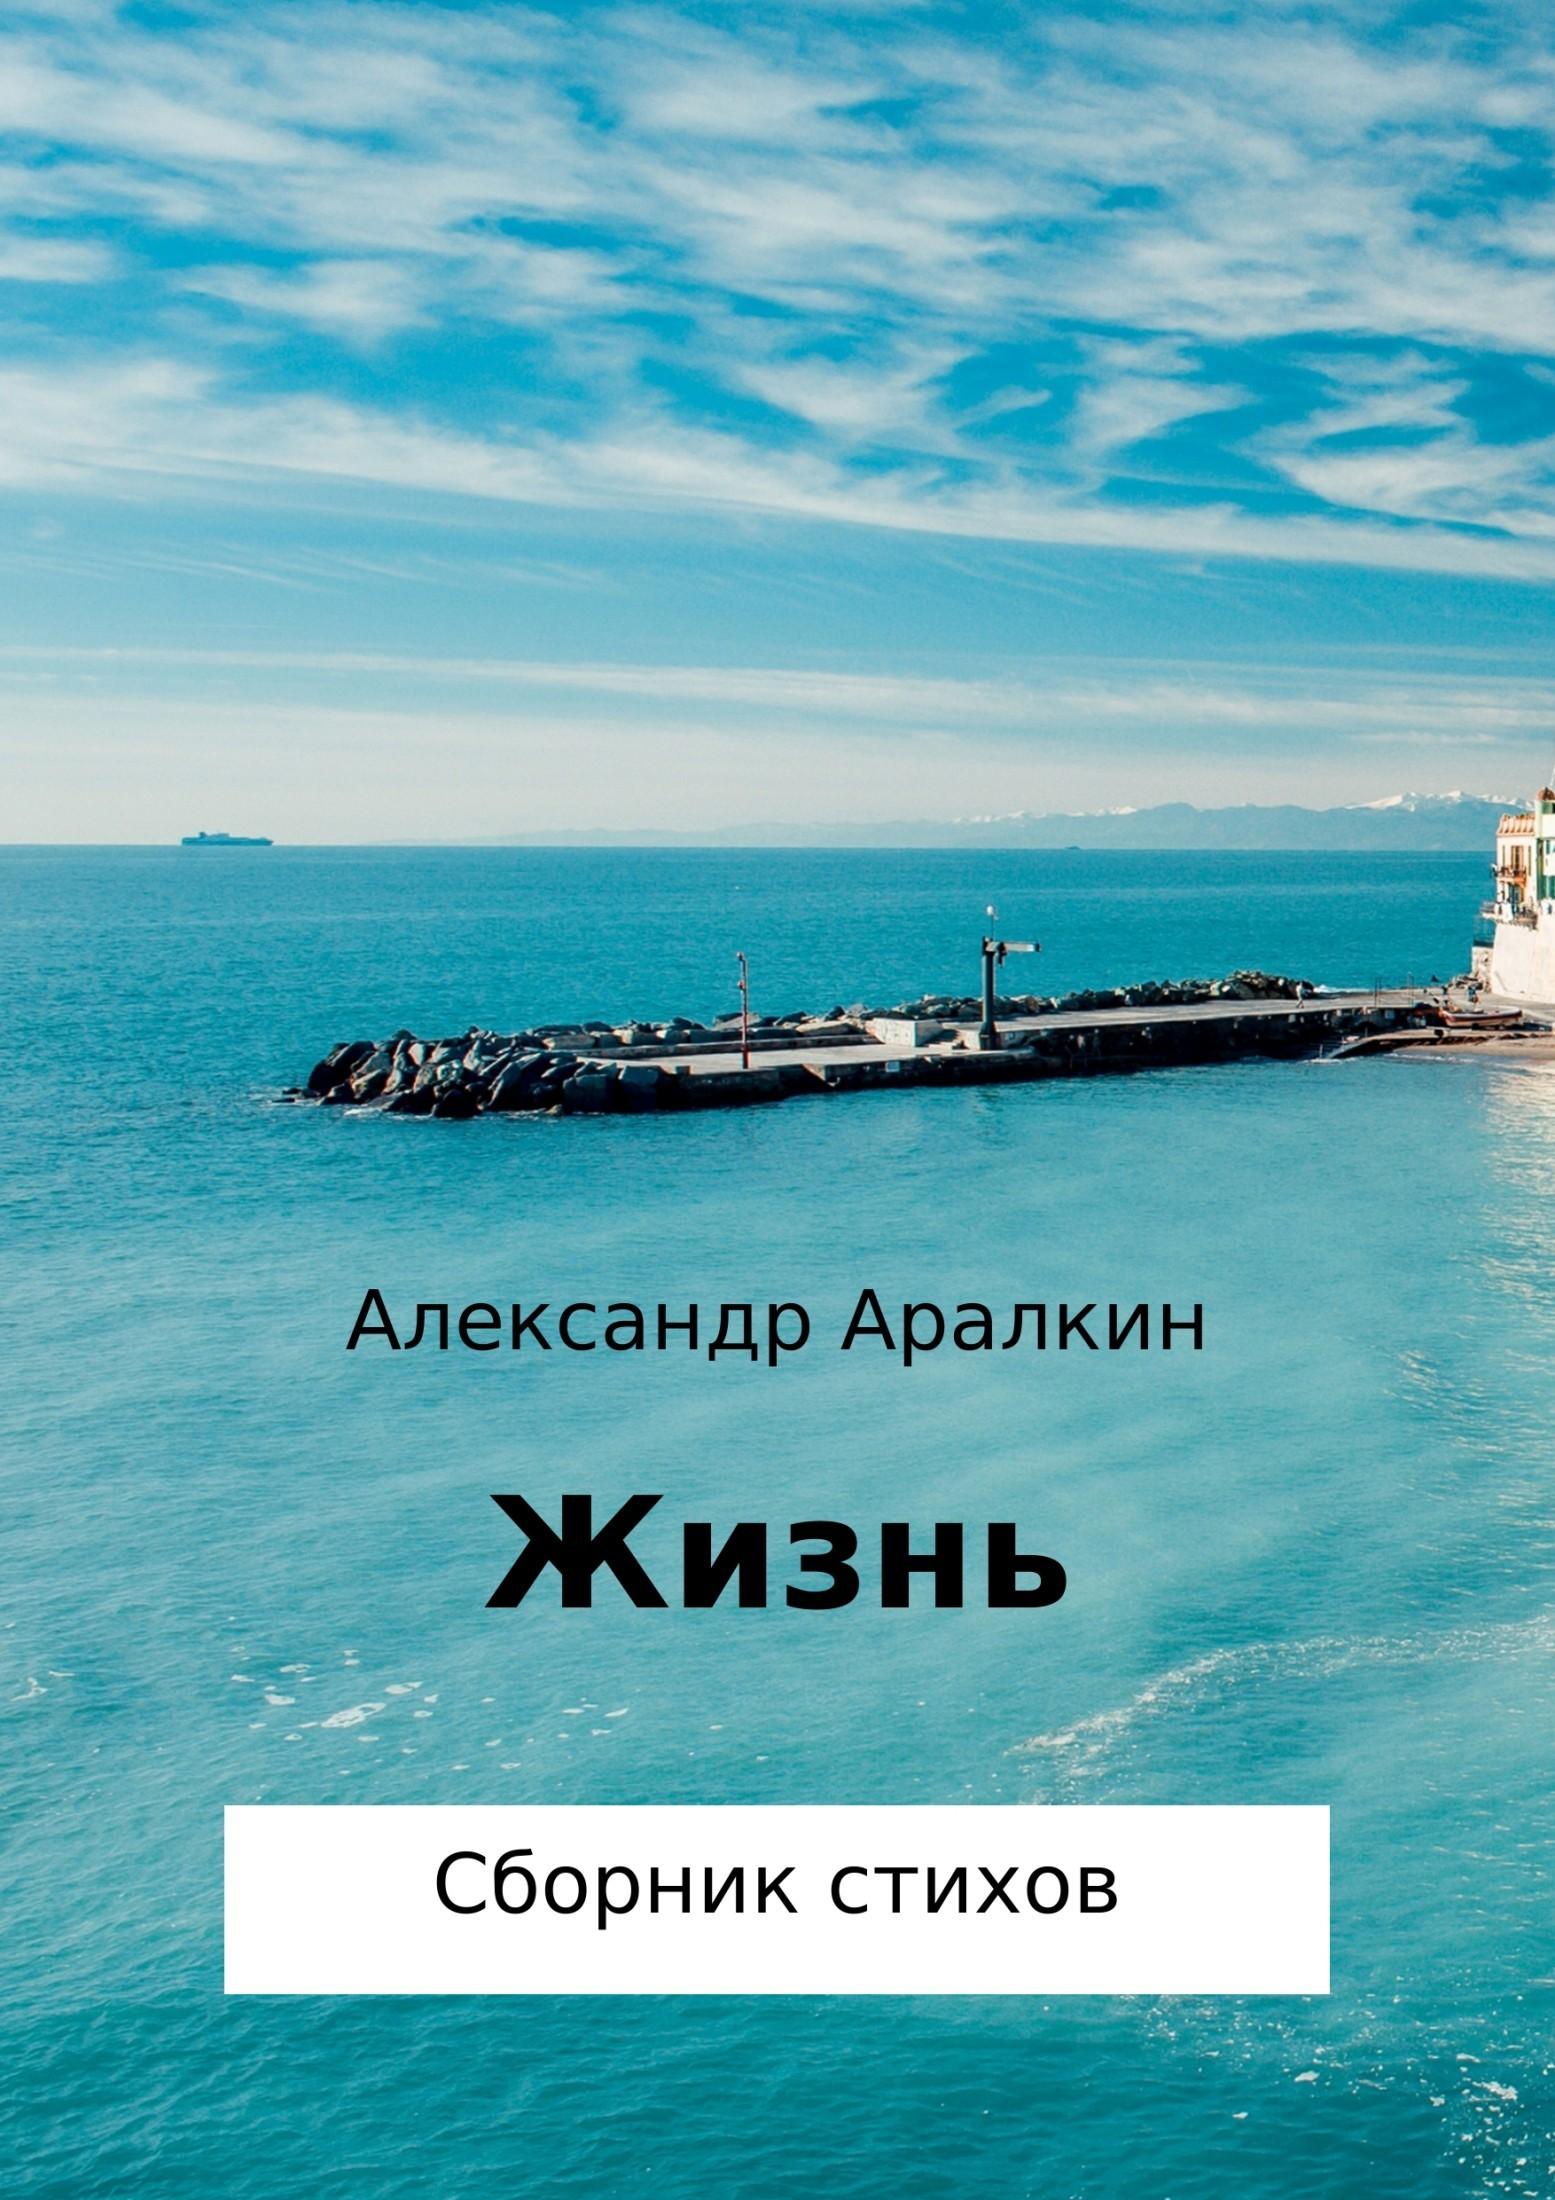 Александр Валерьевич Аралкин Жизнь алексей валерьевич палысаев дар